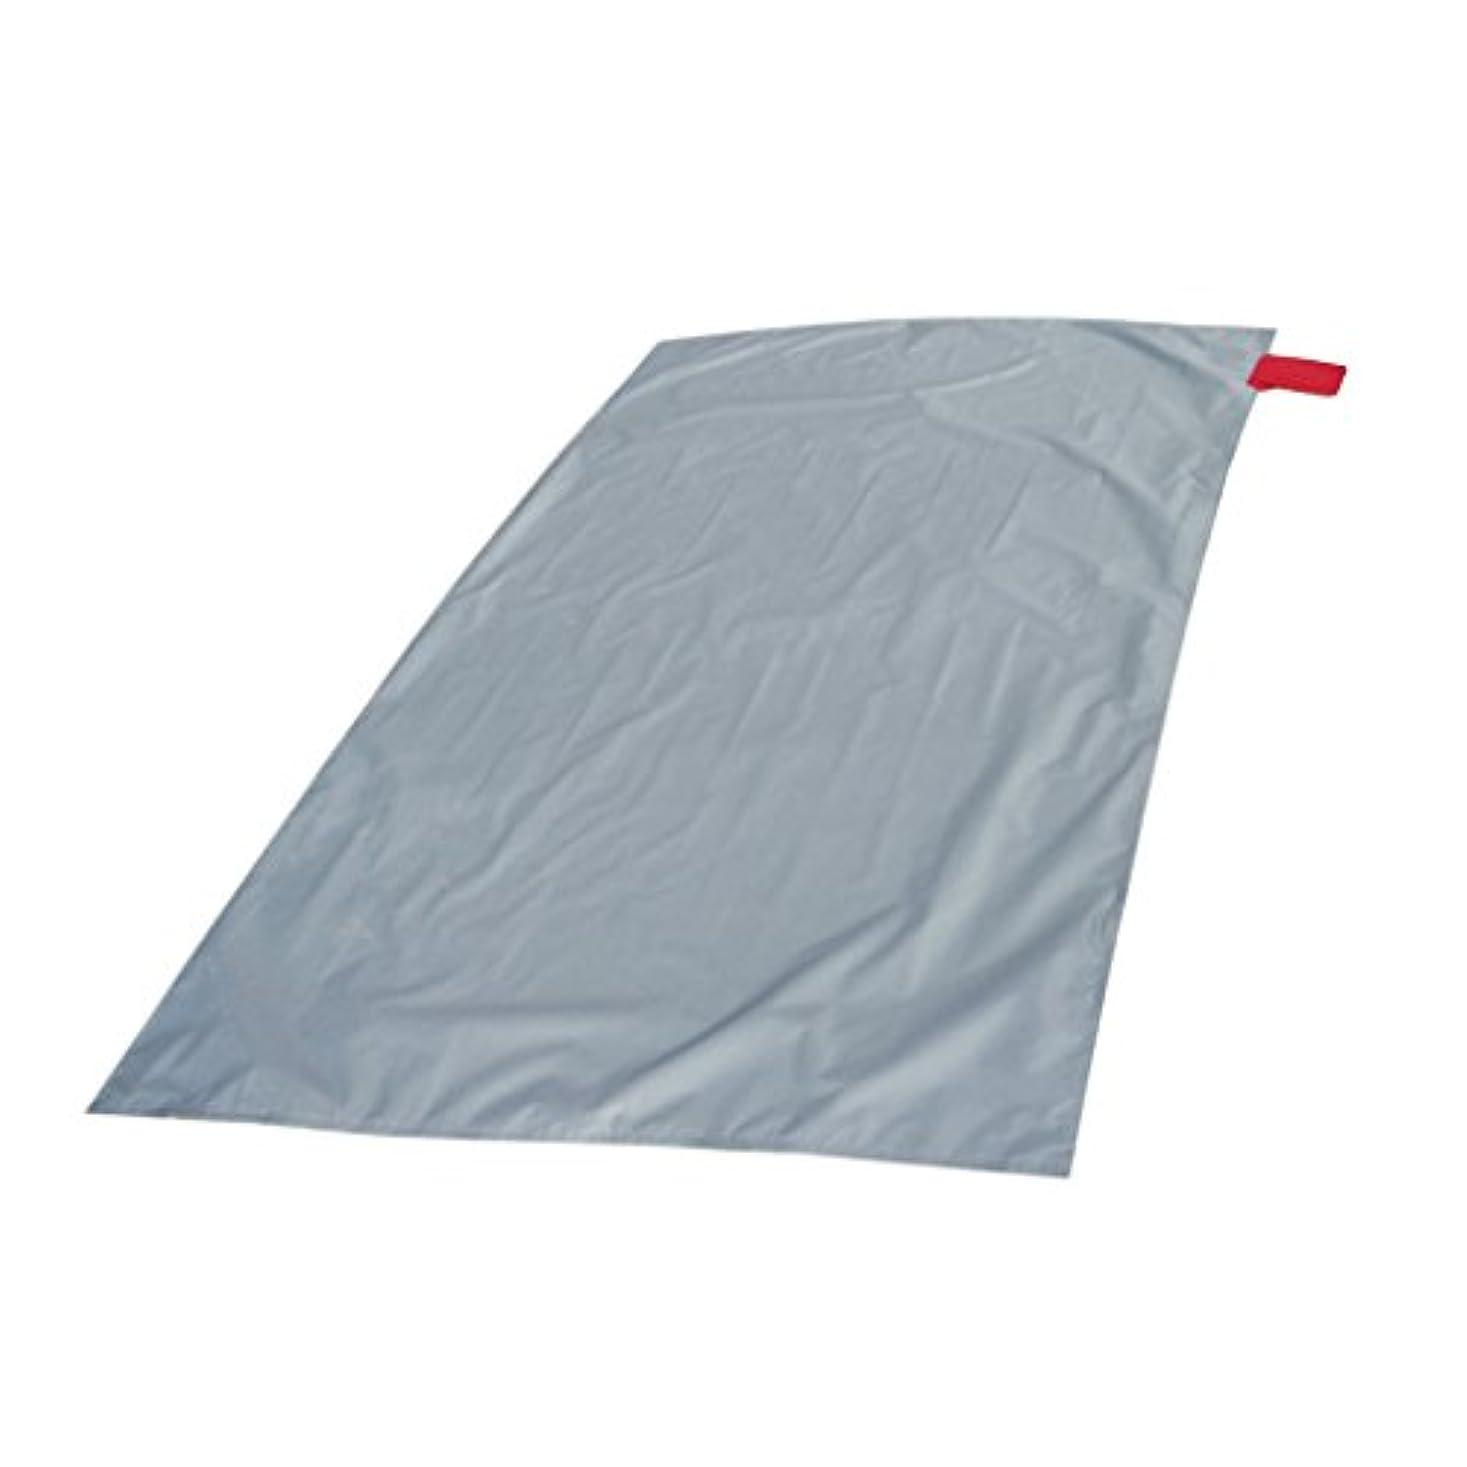 郡意図する結論Baosity 折りたたみ キャンプマット ピクニックパッド テントブランケット 全2サイズ